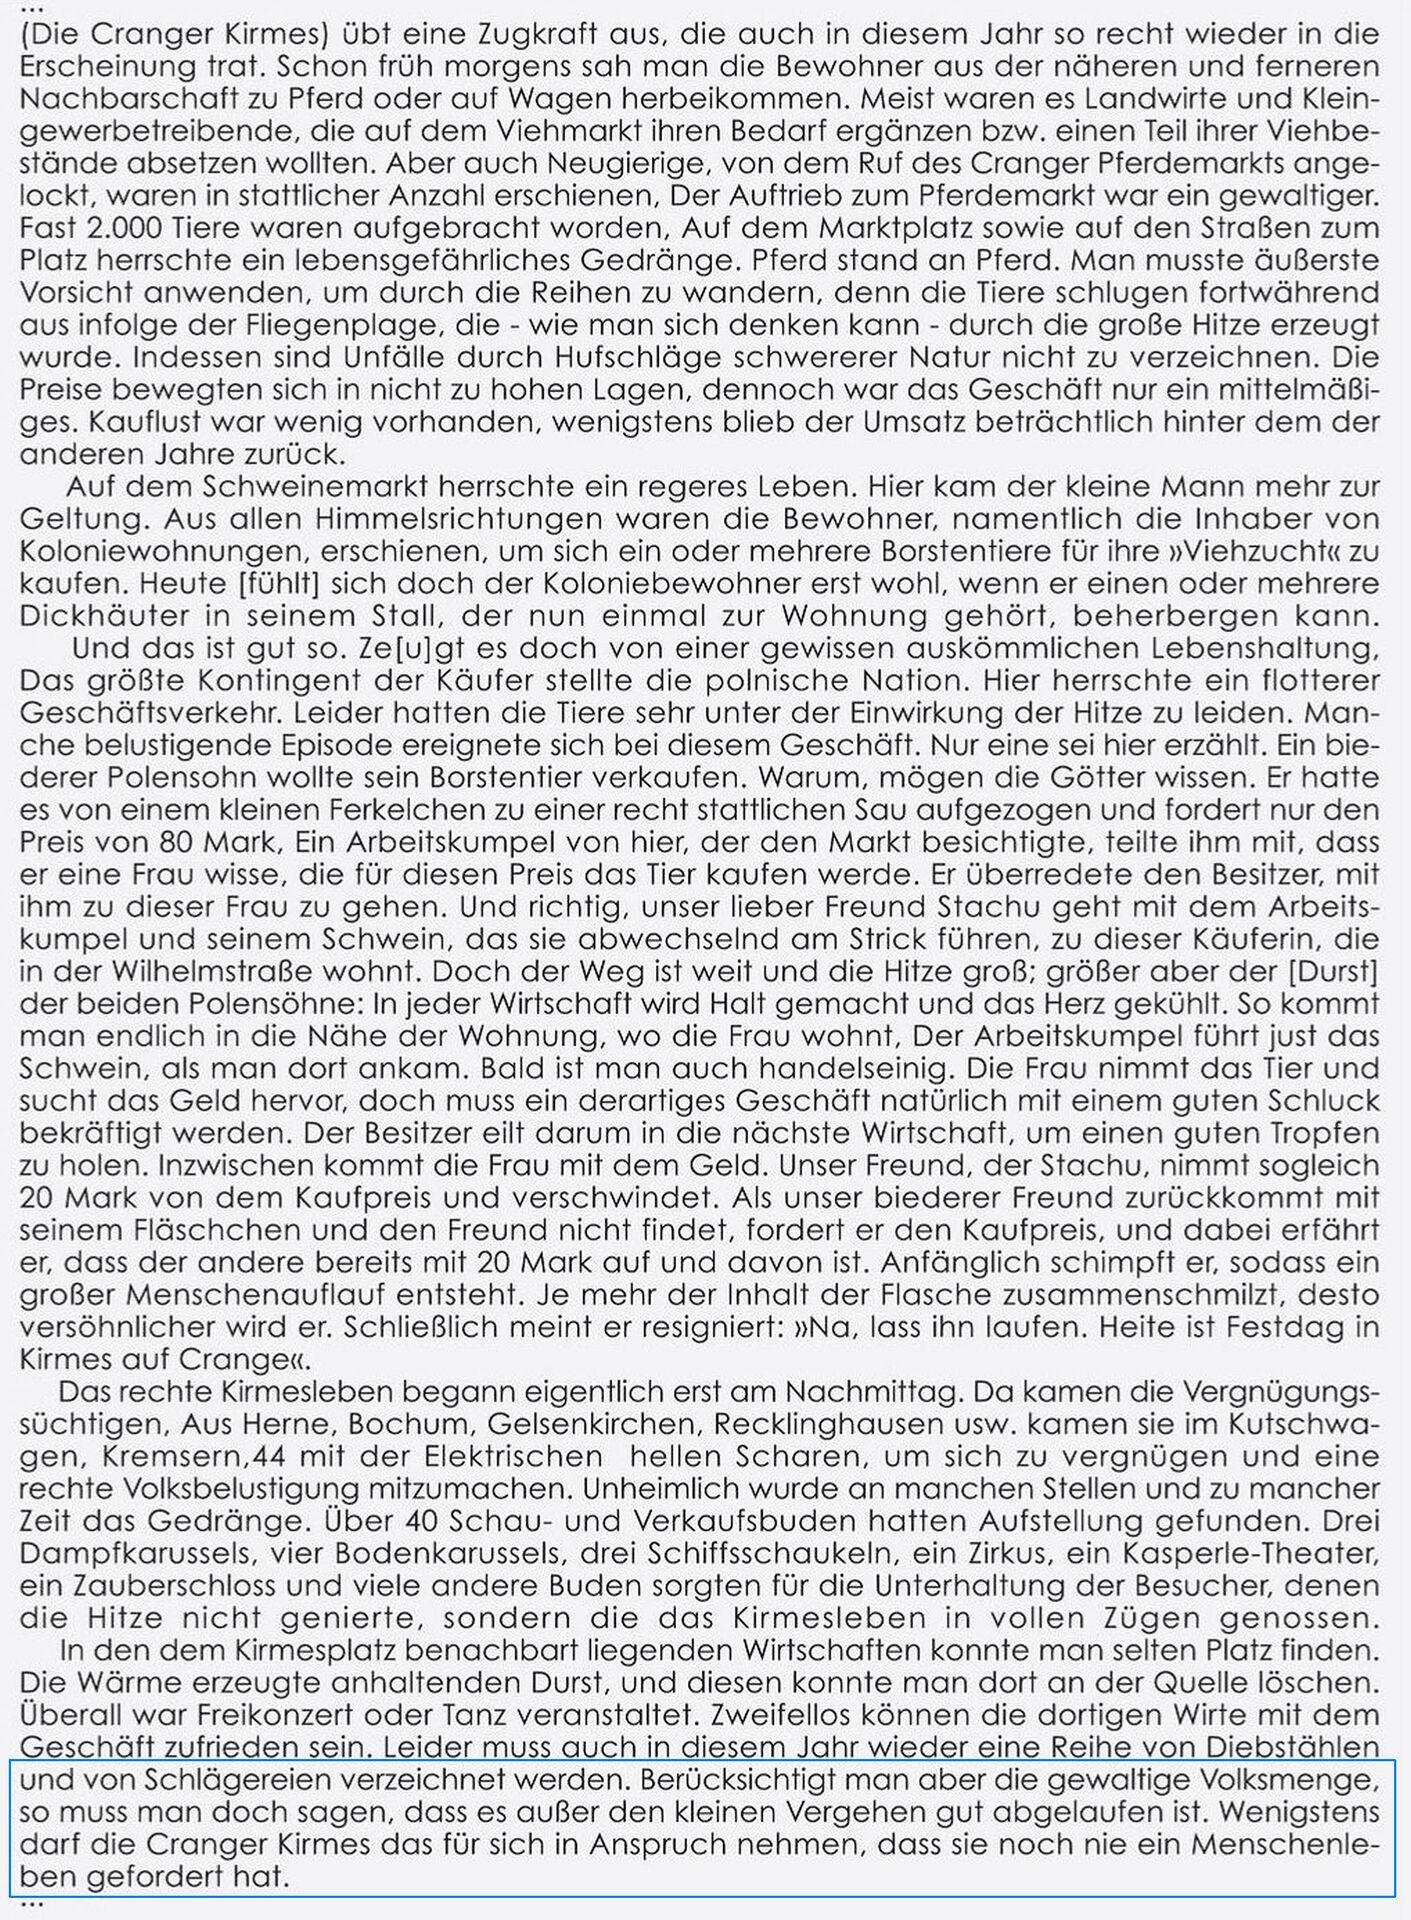 Die Cranger Kirmes hat noch nie ein Menschenleben gefordert, Transkription eines Artikels aus der Wanner Zeitung vom 12.08.1911..jpg